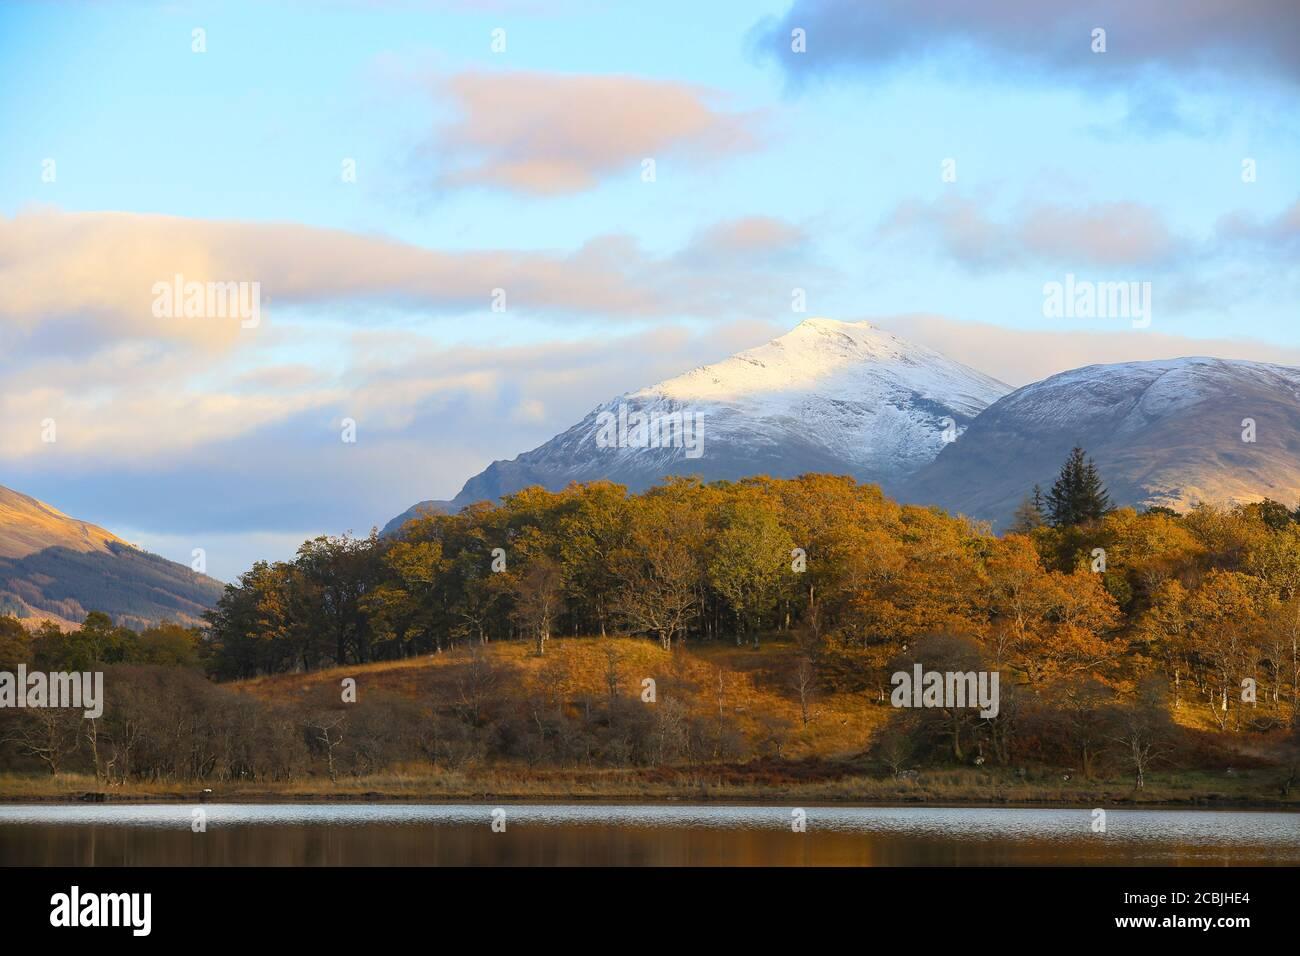 Las montañas escocesas muestran su belleza en el desierto. Foto de stock